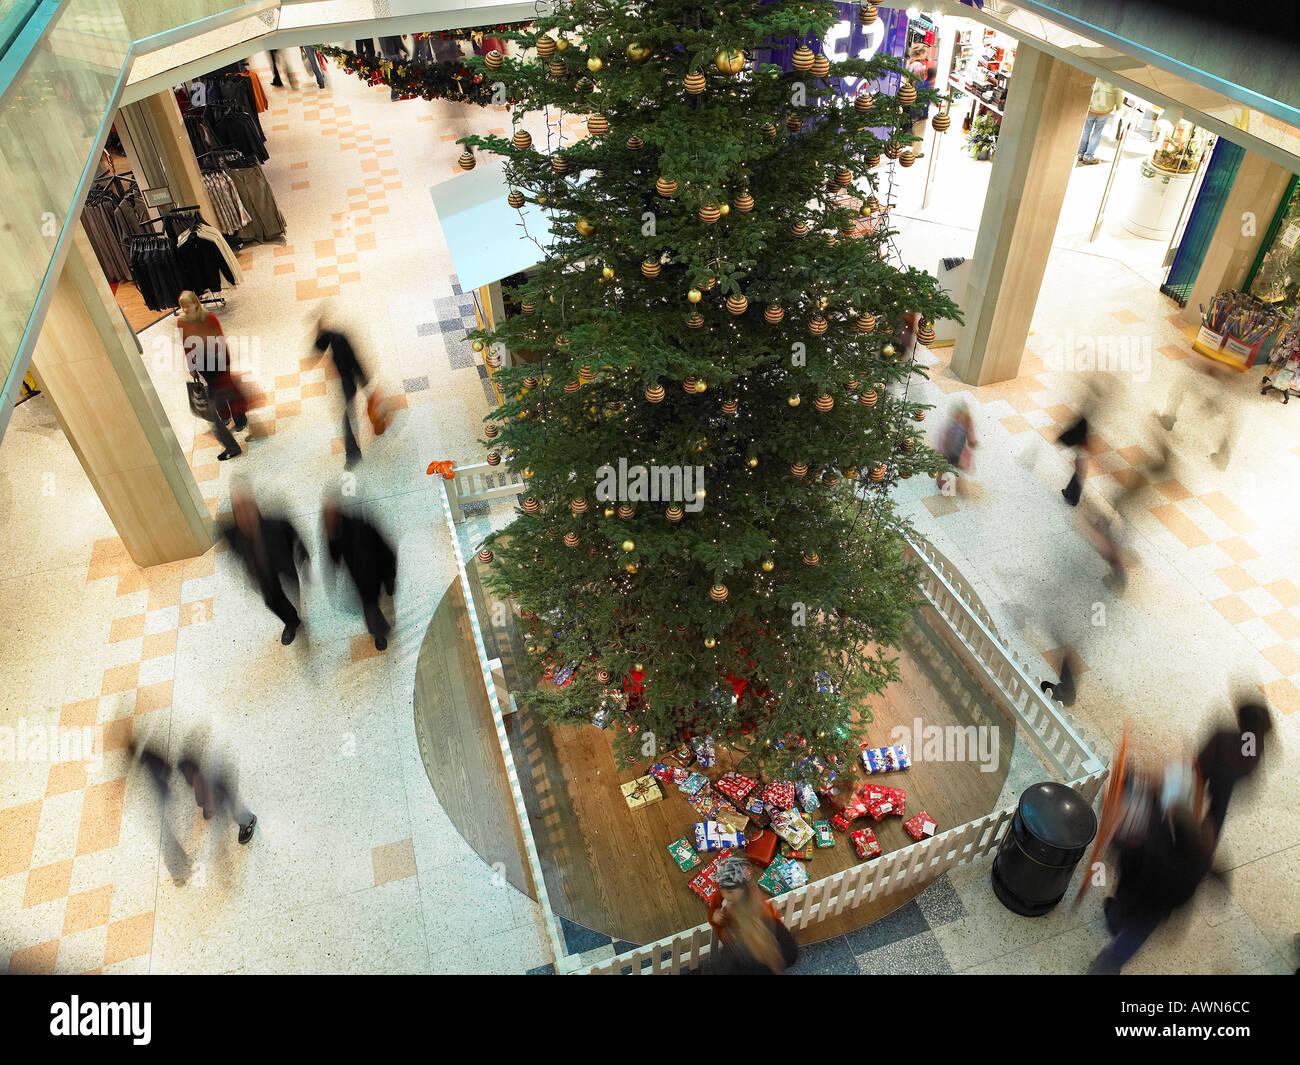 Kringlan Mall Reykjavik Iceland - Stock Image